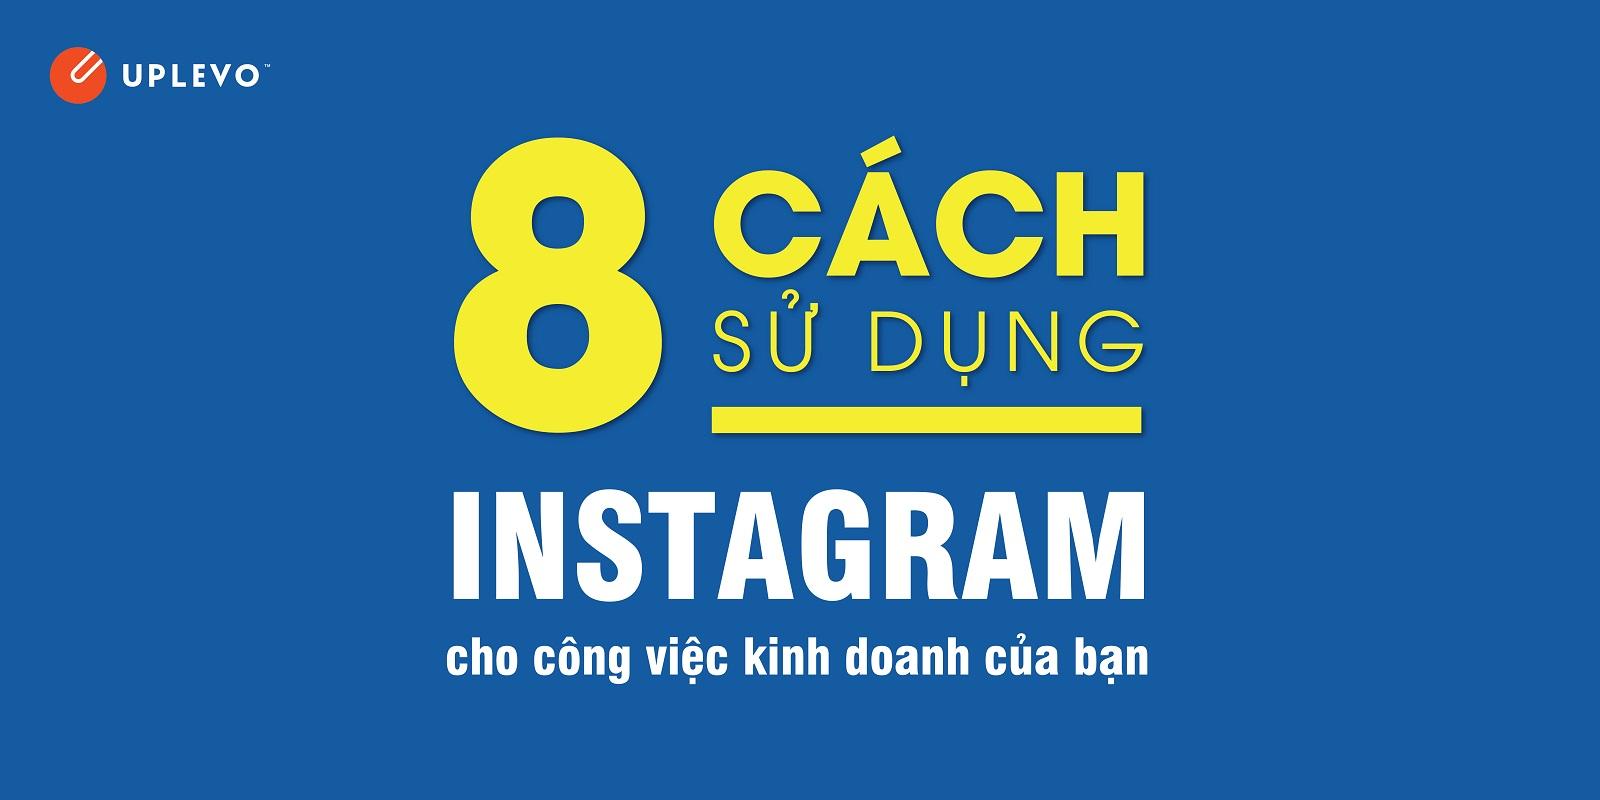 8 ý tưởng giúp quảng cáo hình ảnh của bạn qua Instagram